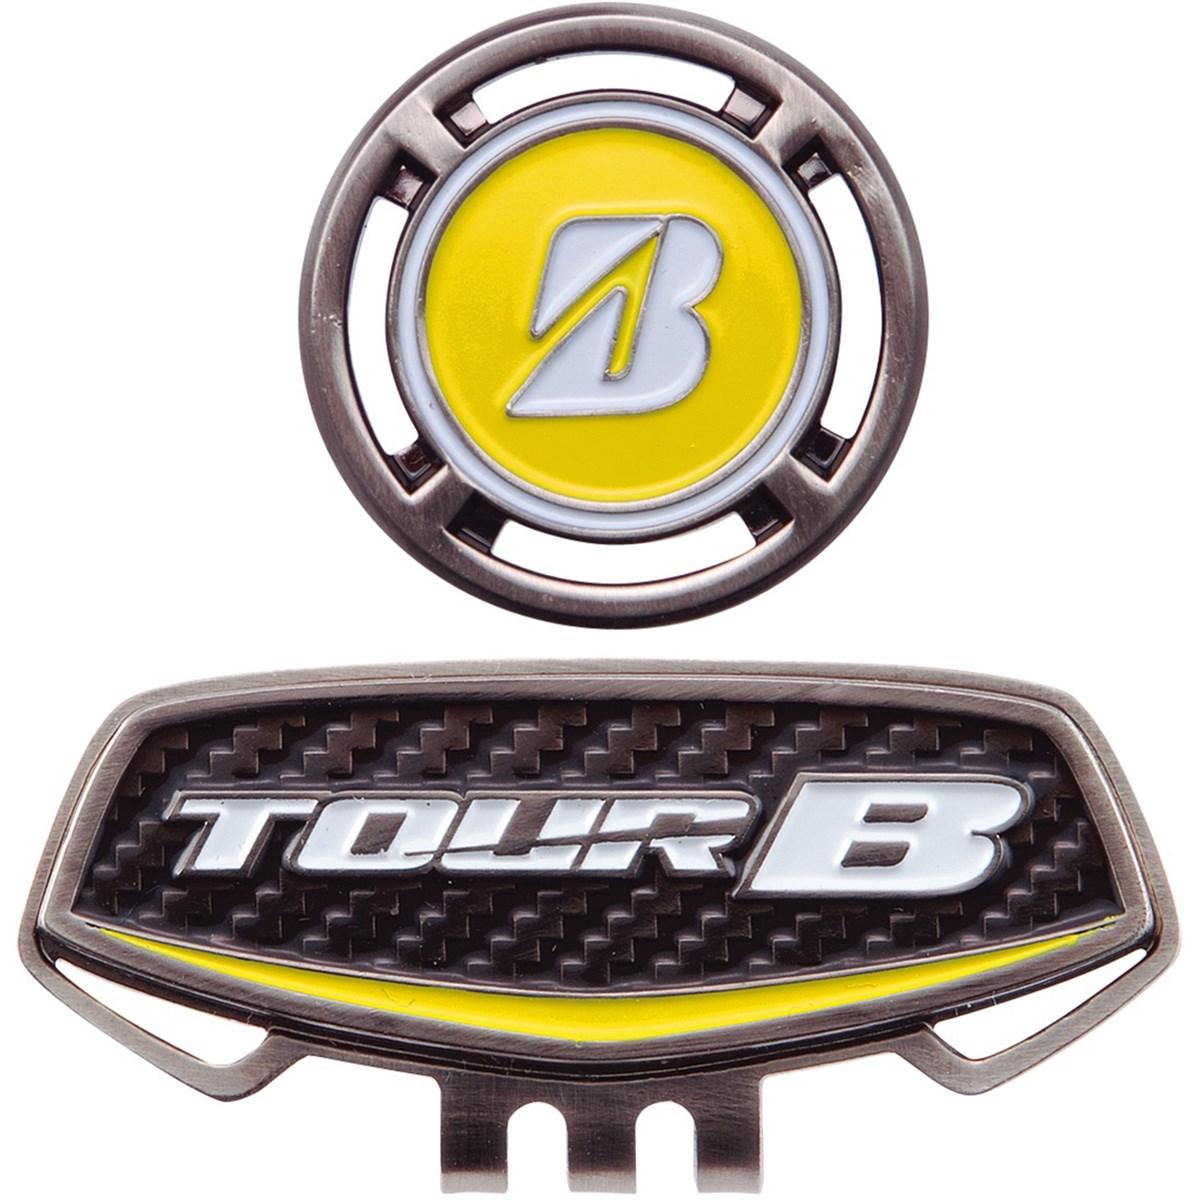 ブリヂストン TOUR B キャップマーカー イエロー